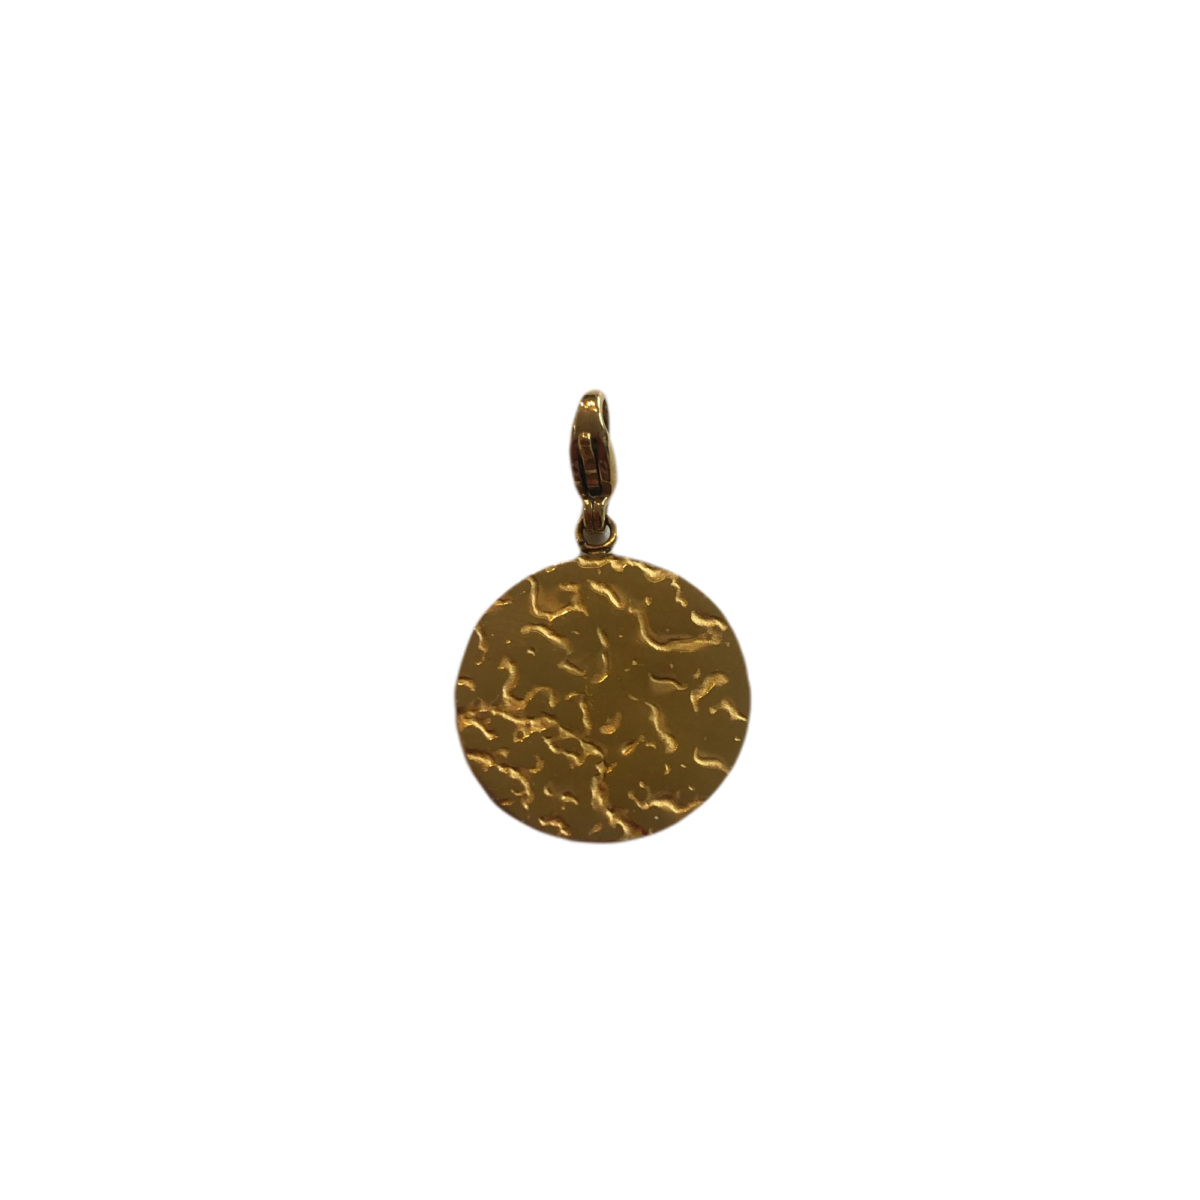 By Destele pendentif clipsable Médaille moyen modele